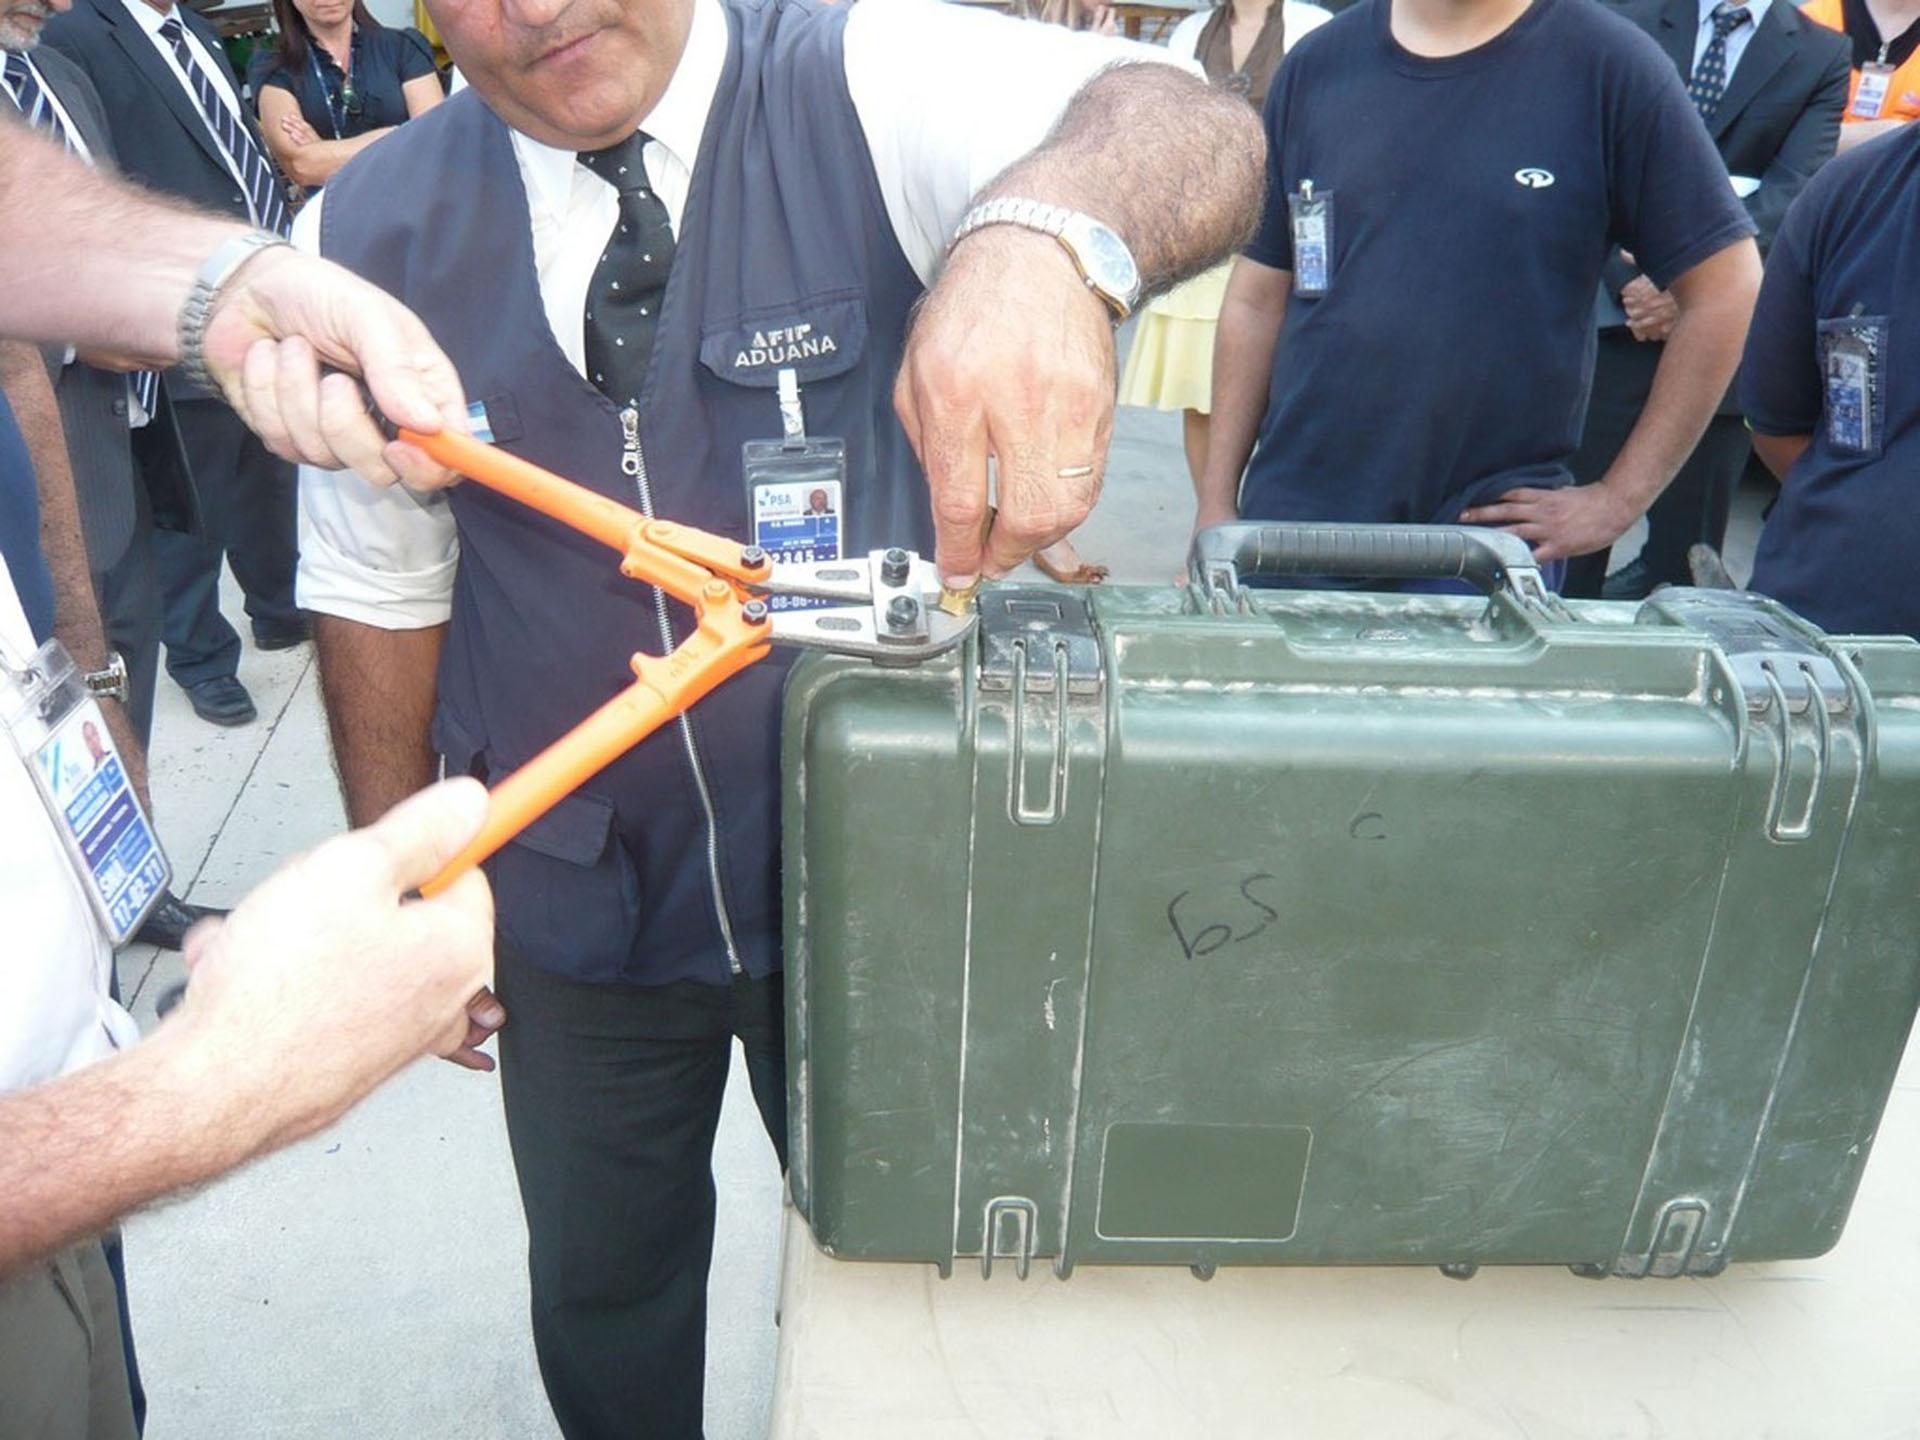 En febrero de 2011 un avión de la fuerza aérea de EEUU llegó a Ezeiza y el entonces canciller supervisó la requisa alicate en mano